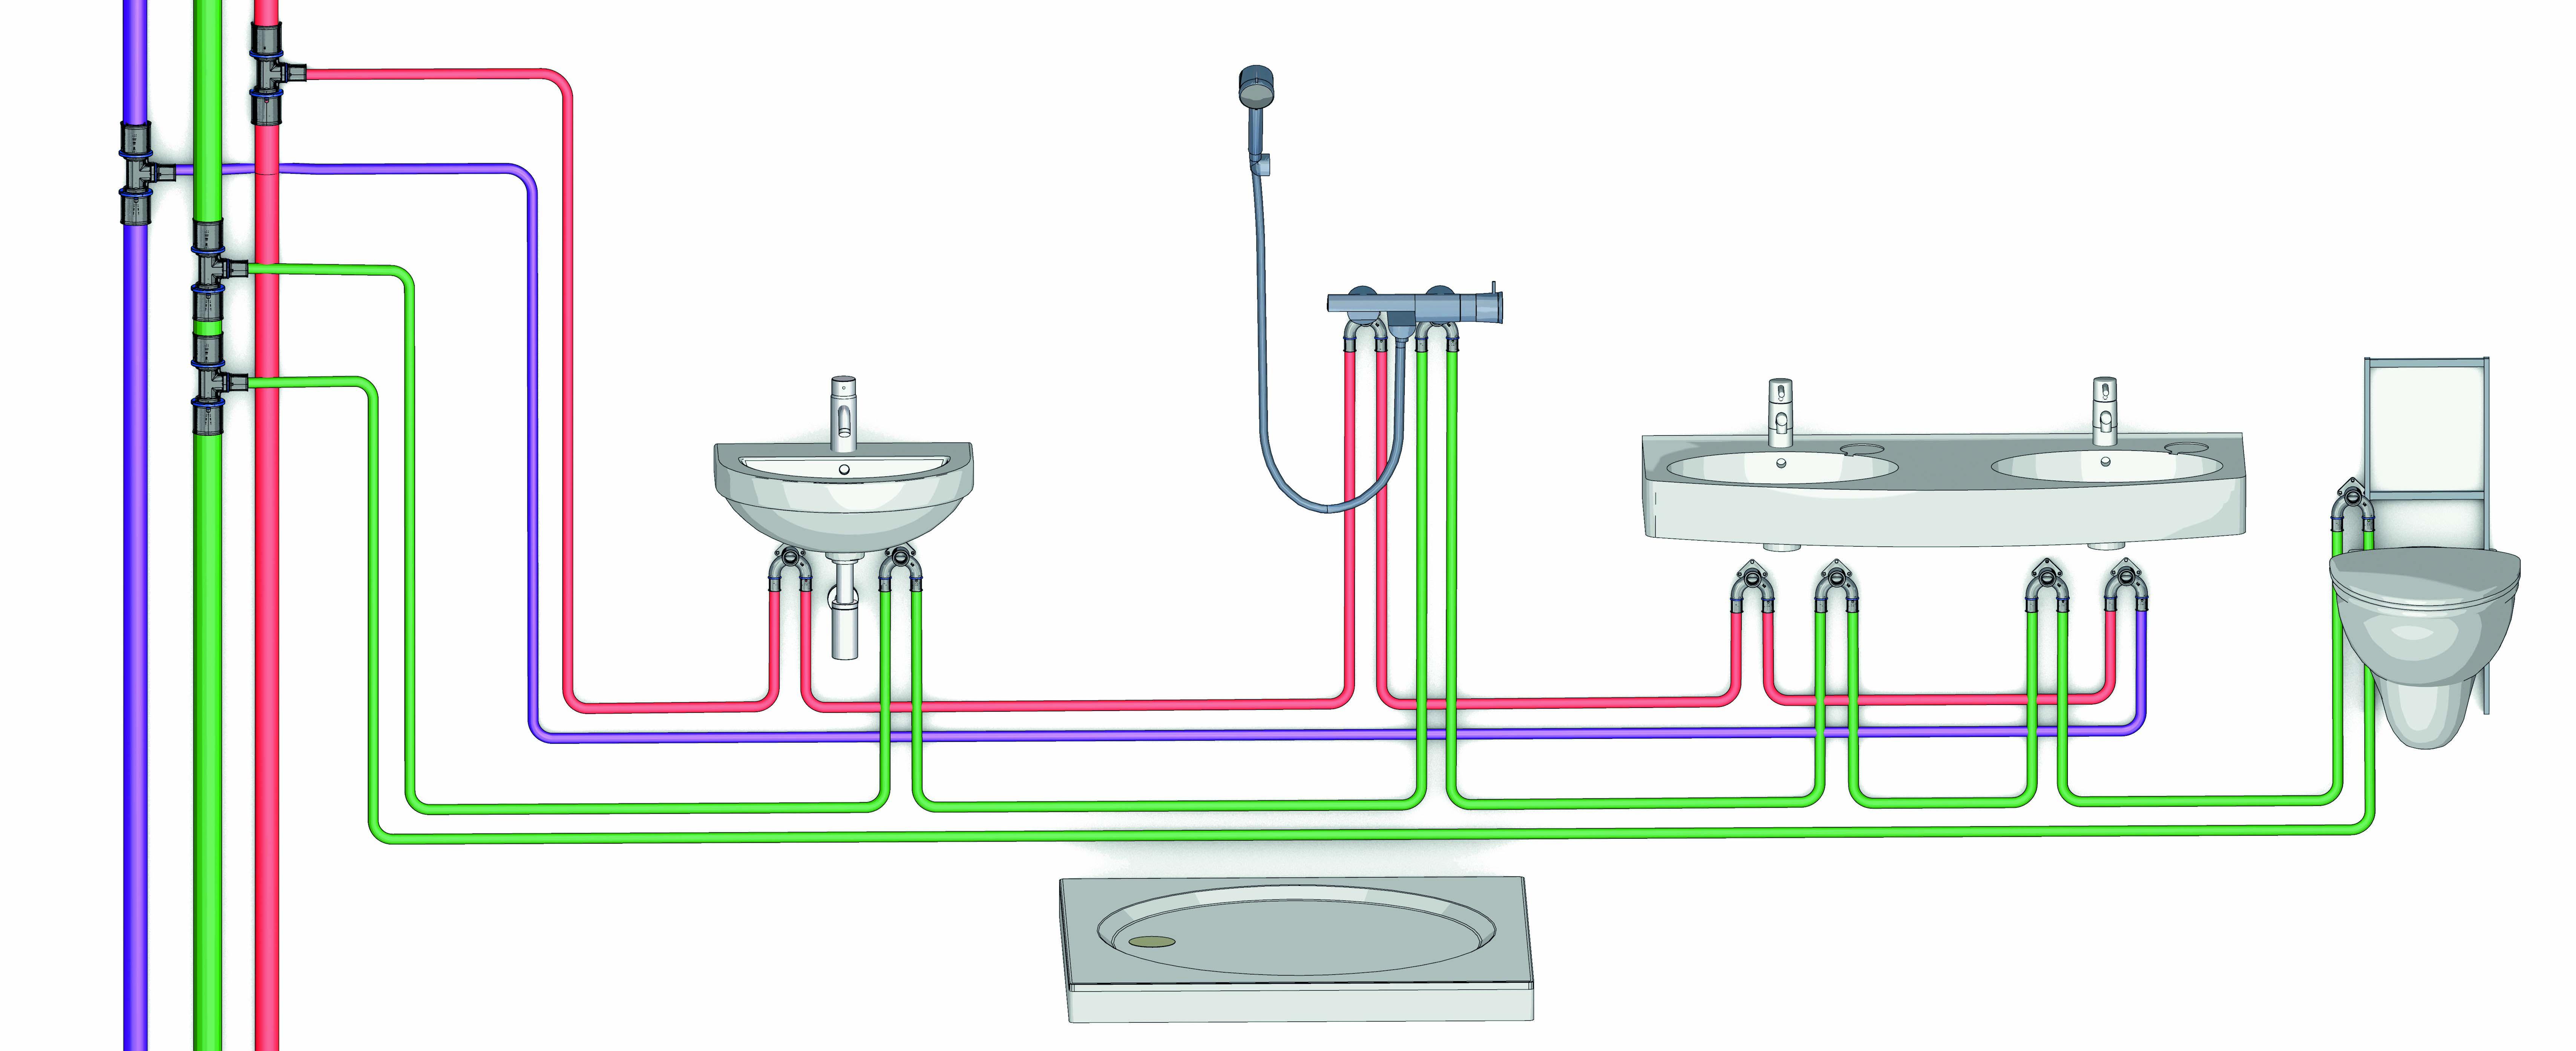 Tubazioni acqua riparazioni e sostituzione prontocasa roma - Impianto acqua casa ...